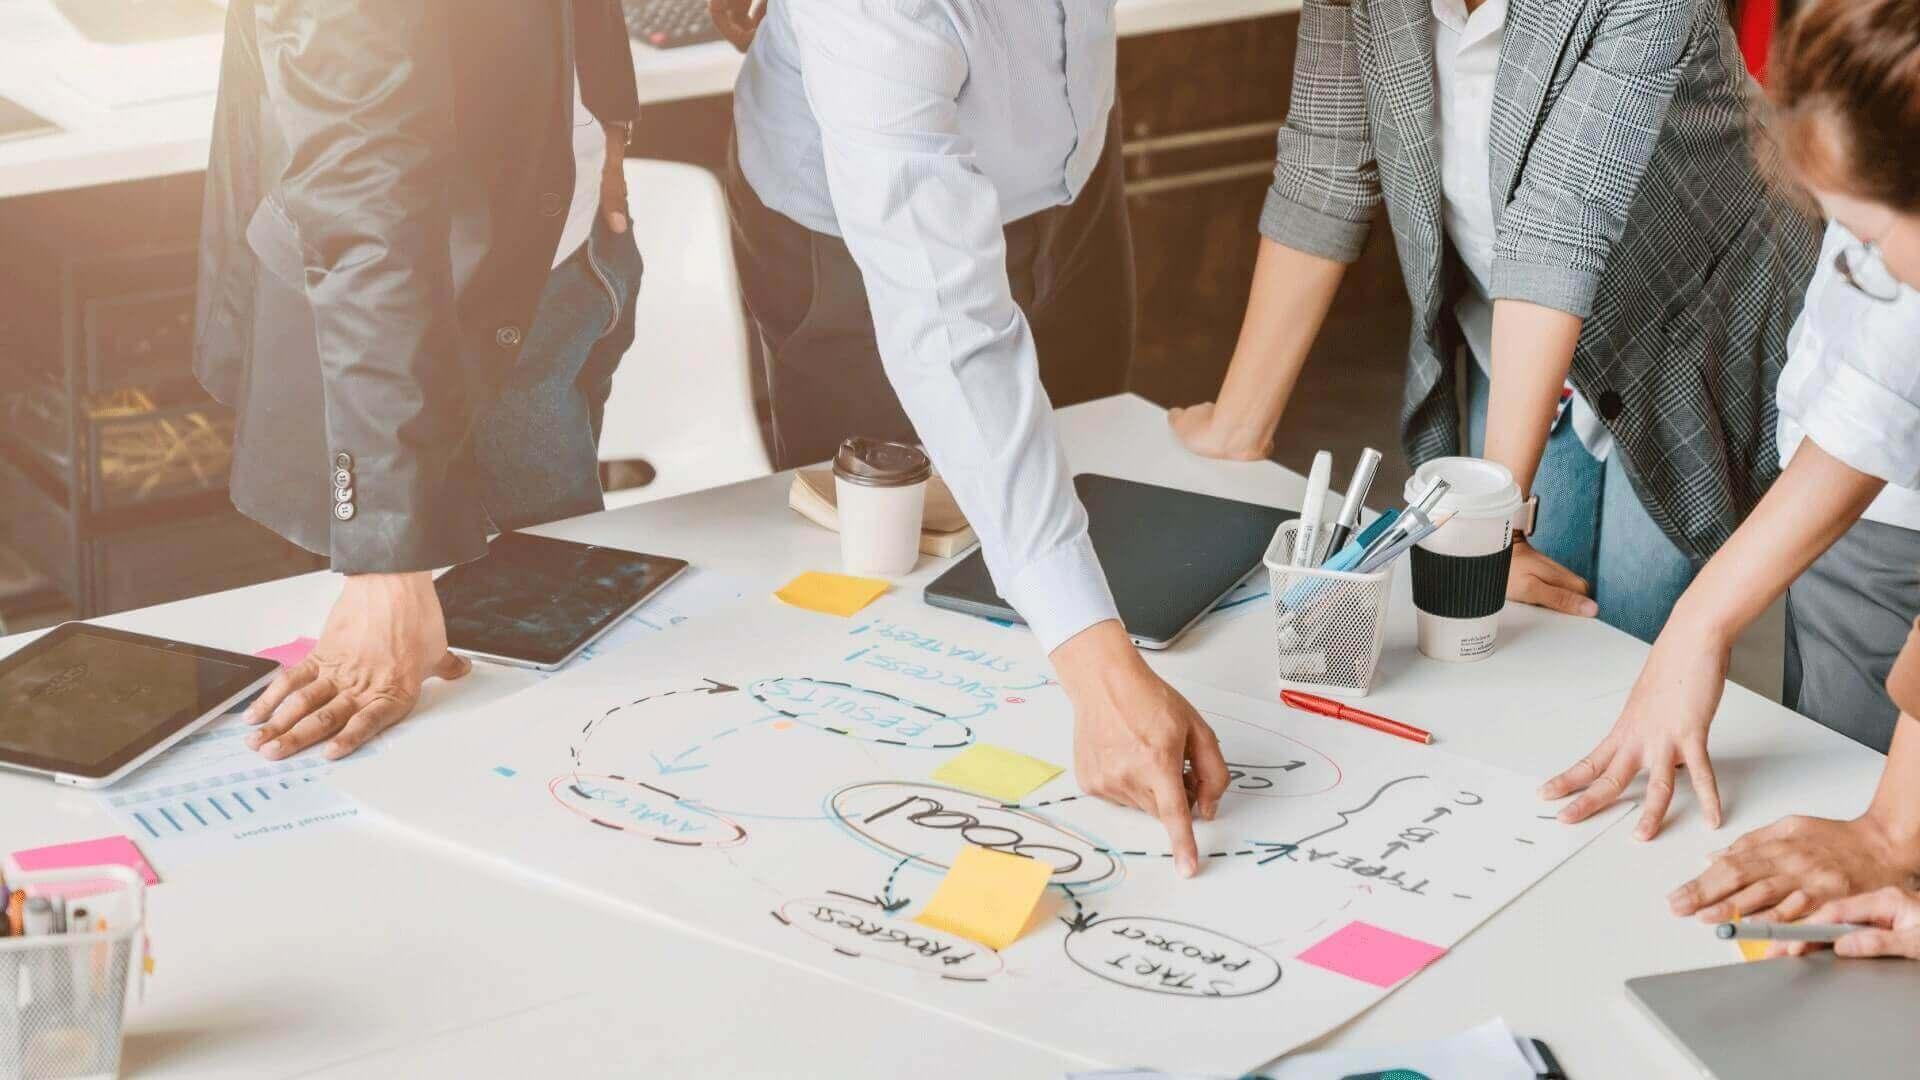 Deben las nuevas empresas contratar Agencia de Marketing